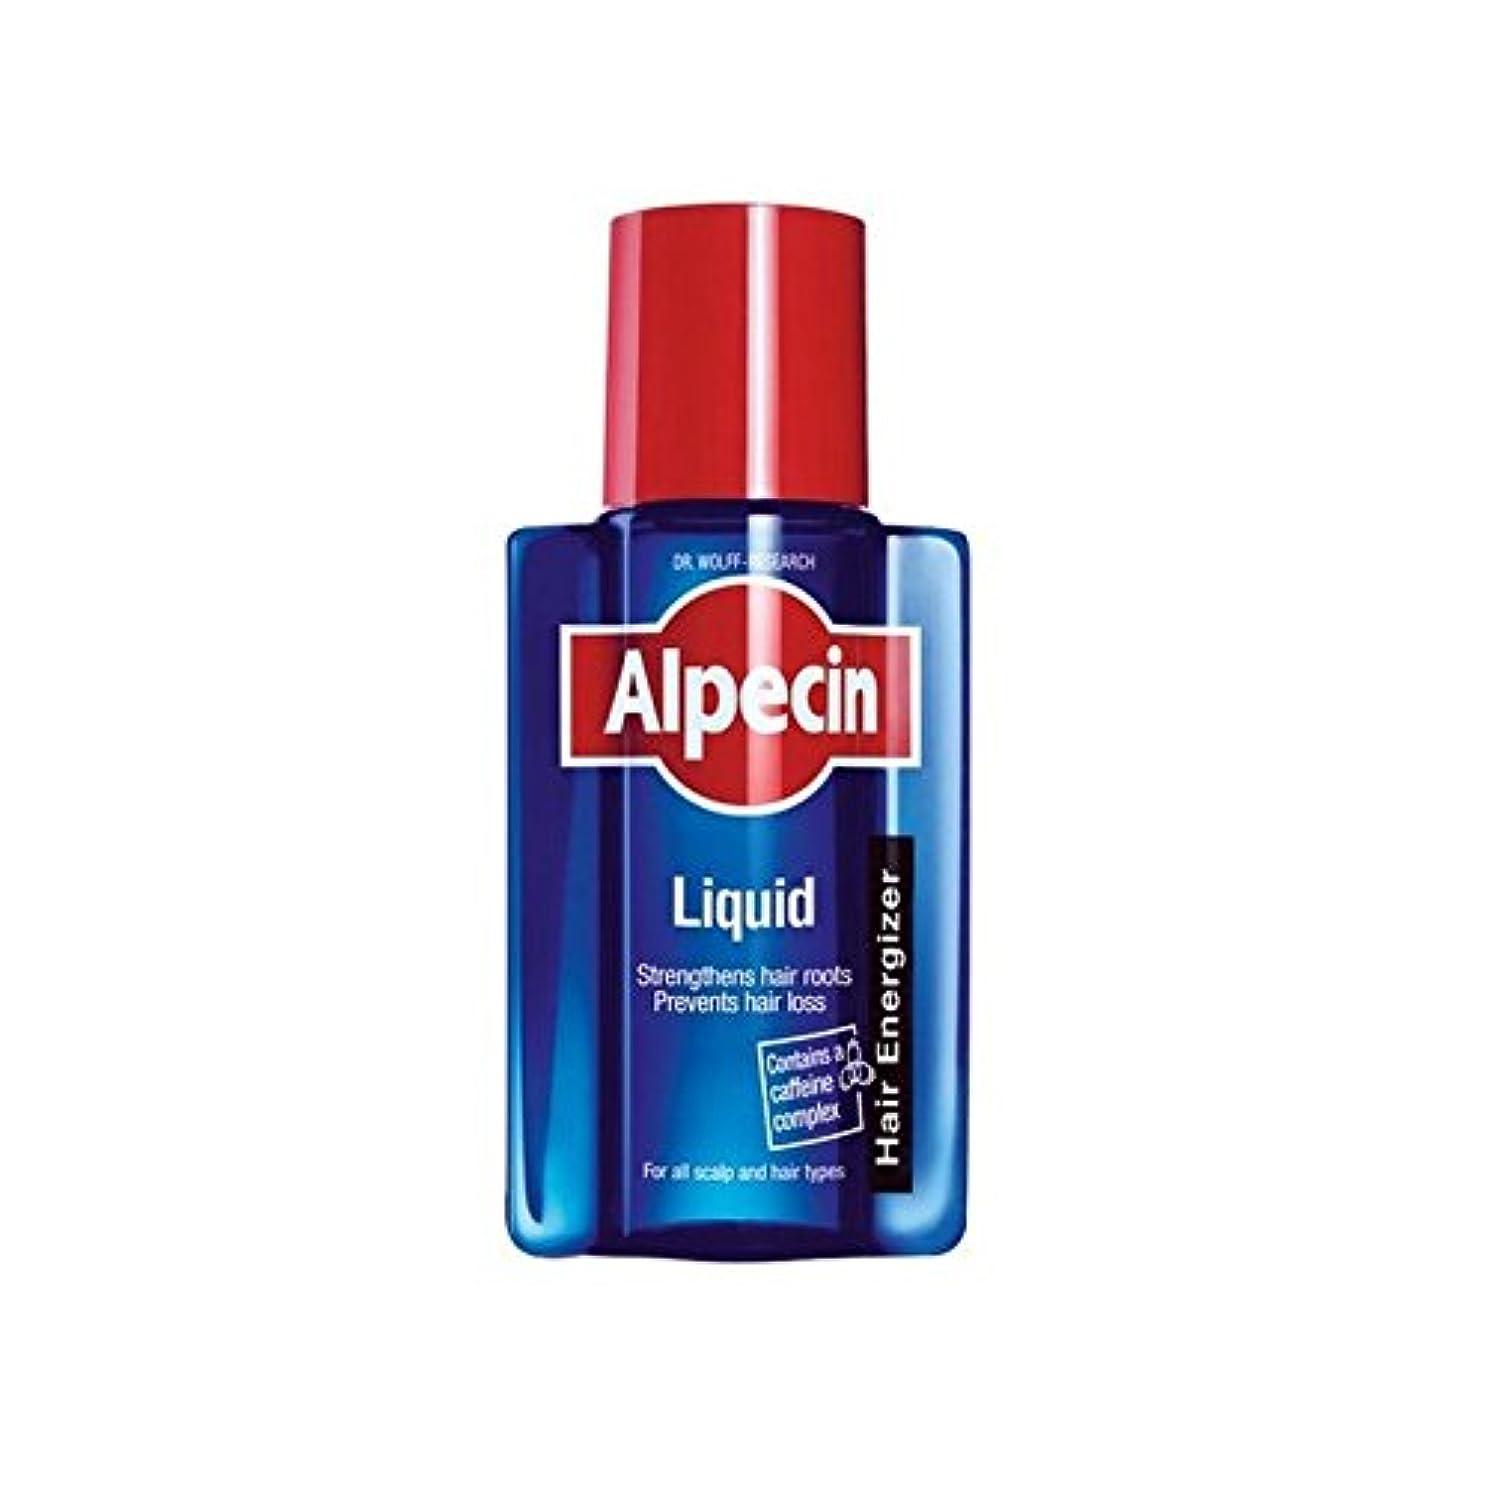 ひねり火薬豆腐液体(200)中 x2 - Alpecin Liquid (200ml) (Pack of 2) [並行輸入品]